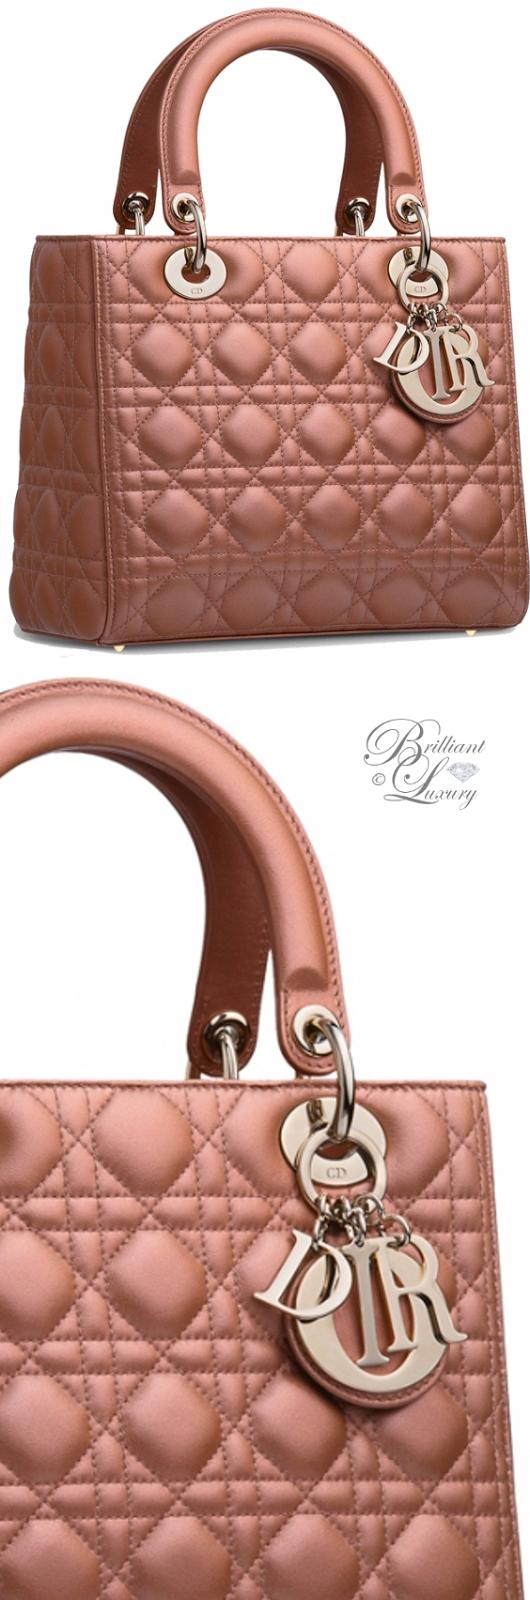 Brilliant Luxury ♦ Dior Lady Dior 'Quartz Pearlised Lambskin' Bag